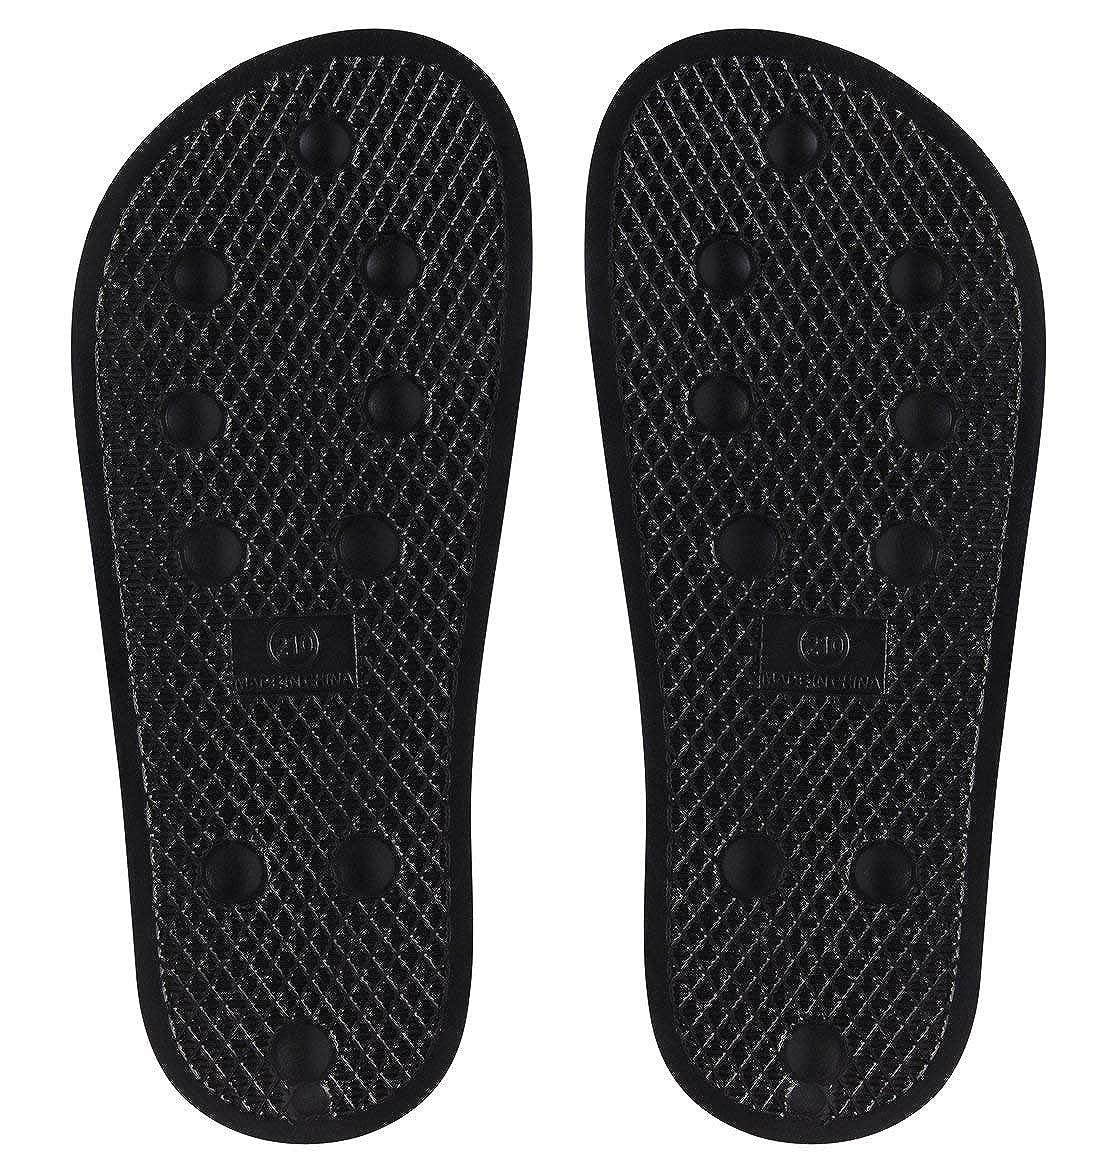 Sandales pour gar/çon ADBL100025 DC Shoes DC Slide